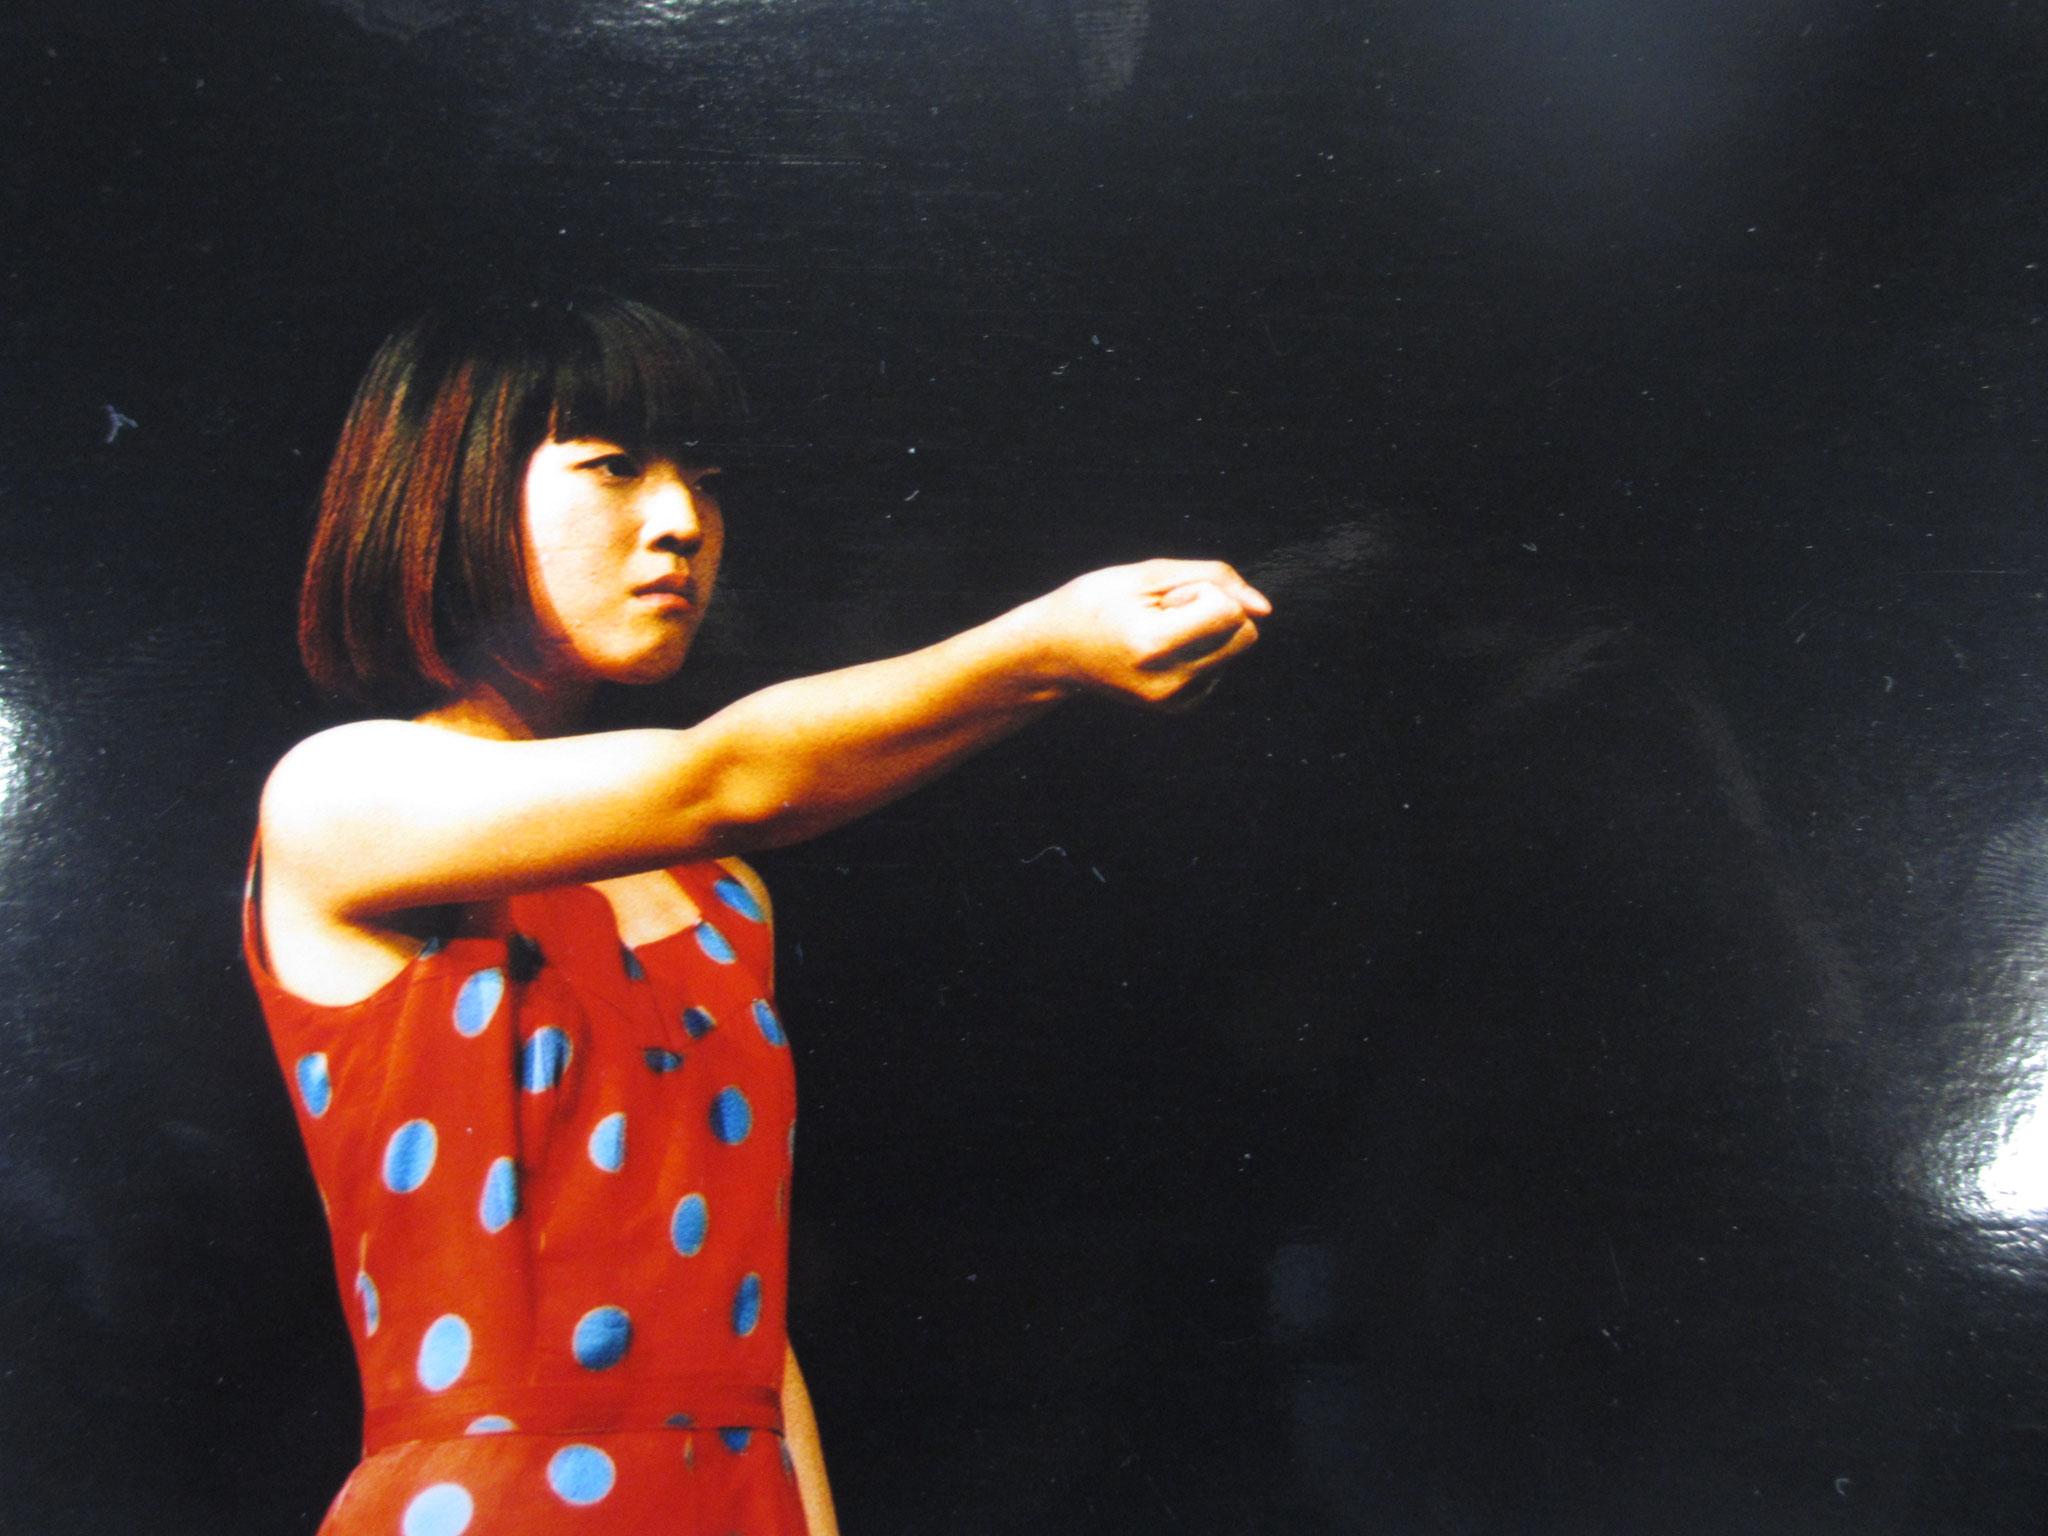 きたまり19歳ー初めてつくったソロダンス